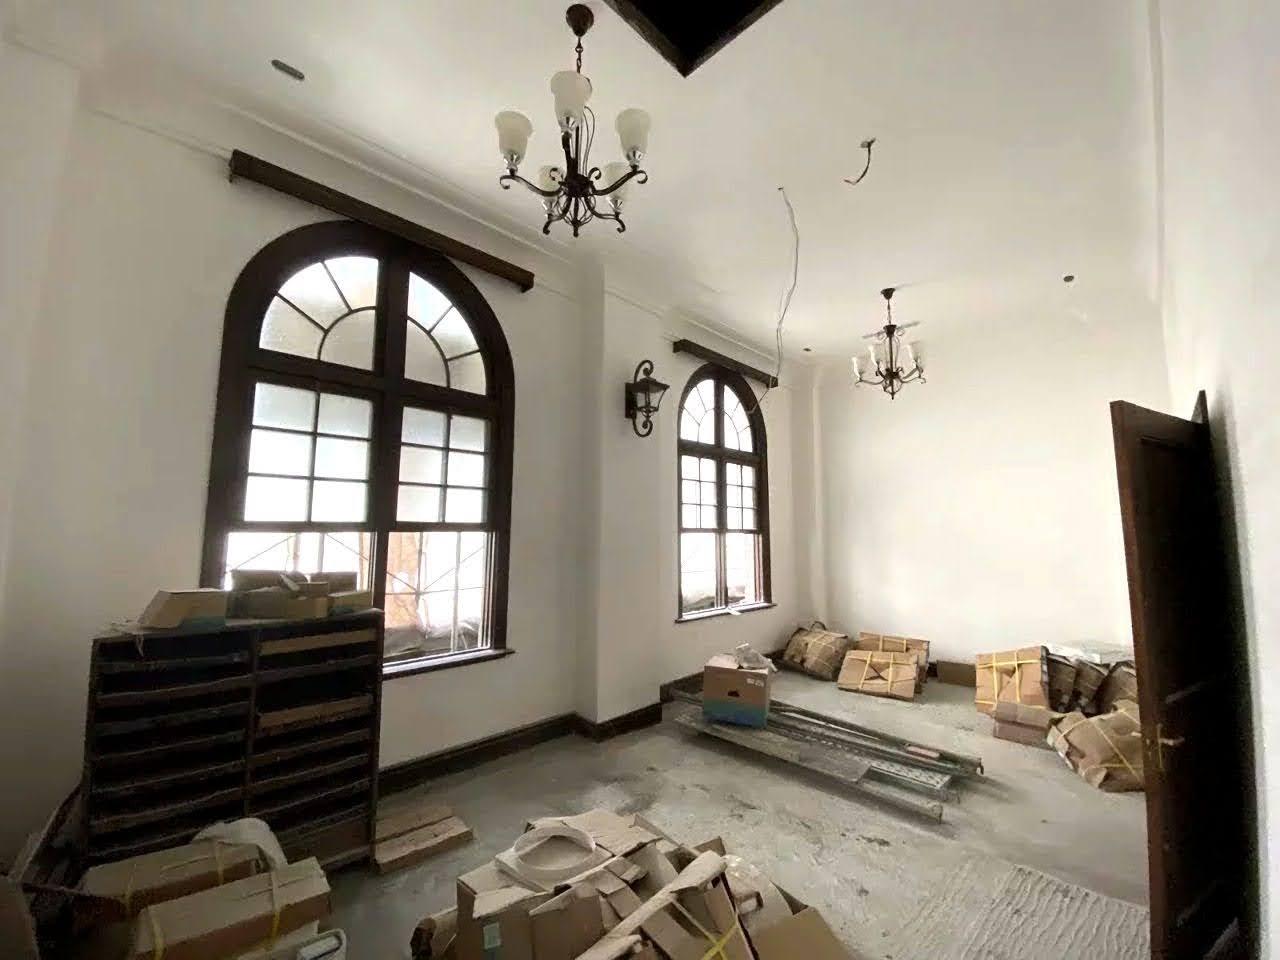 昔日站內旅館風華約略重現|台南火車站整修中|預計2022年底完工